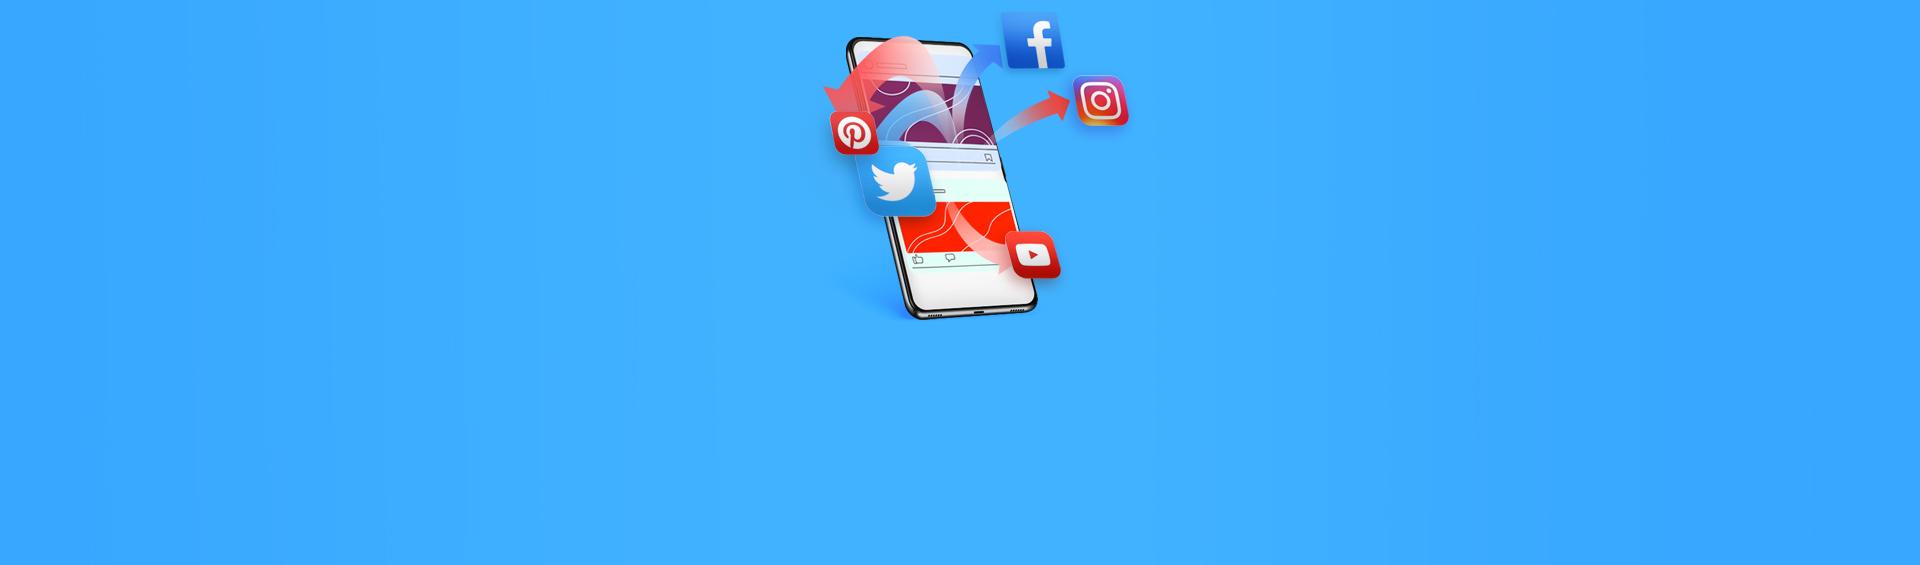 Какнастроить отложенный постинг всоцсетях. 11лучших сервисов